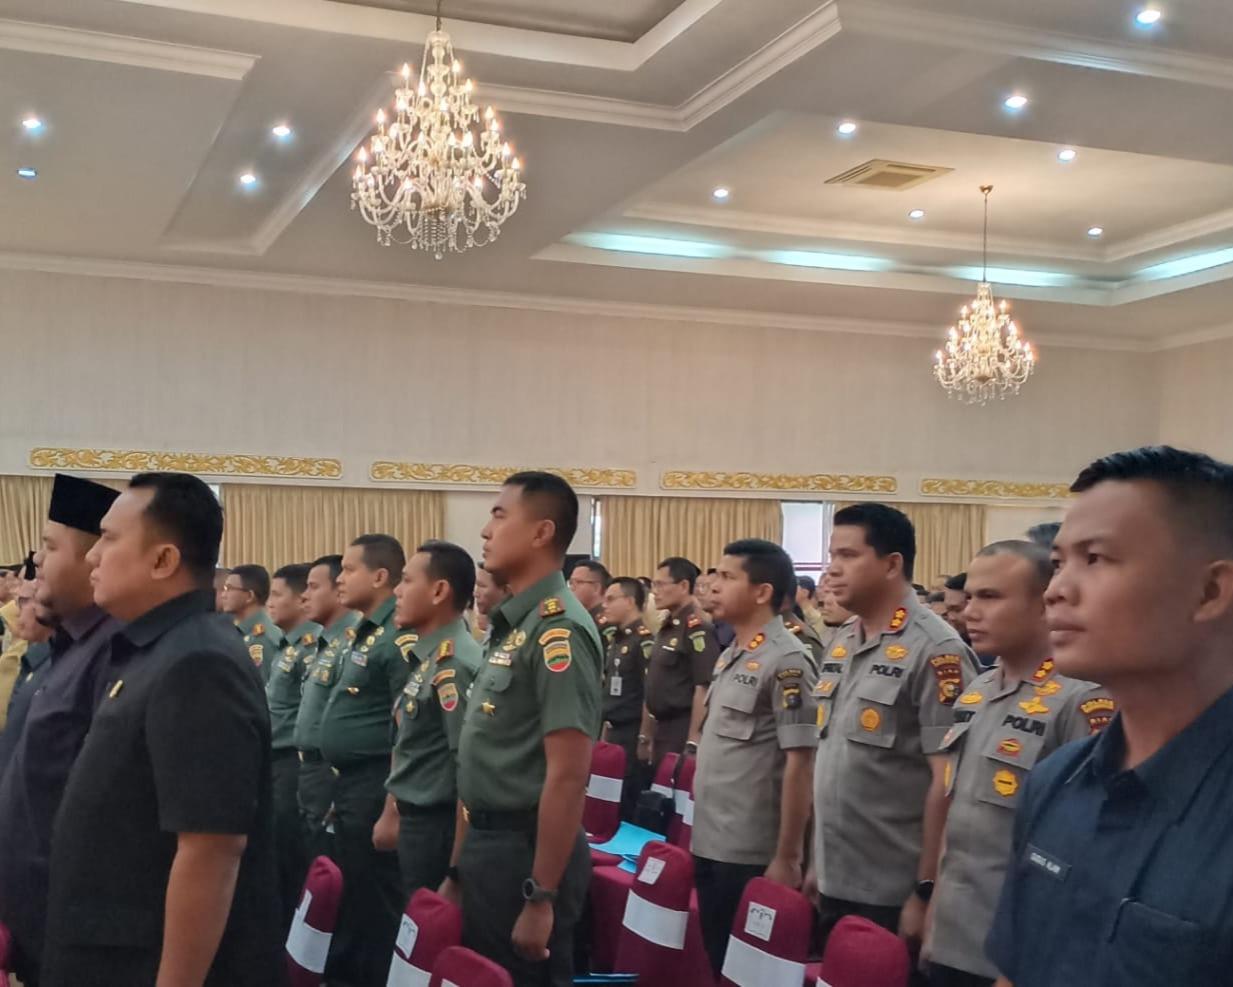 Dandim 0301/Pekanbaru Hadiri Acara Sosialisasi Percepatan Penyelesaian Kegiatan Tanah Obyek Reforma Agraria (TORA) di Provinsi Riau Tahun 2020 Menuju Pemerataan Ekonomi Riau Yang Berkeadilan